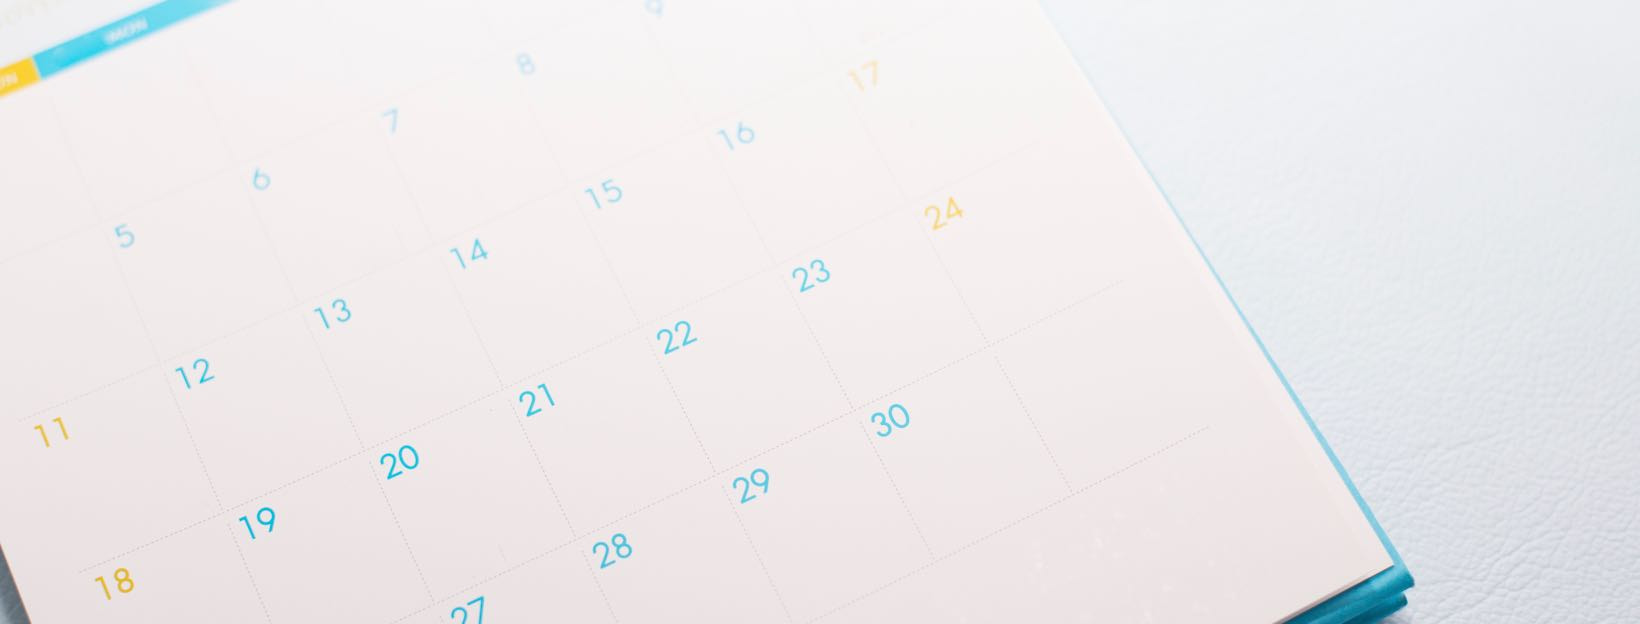 Kalender-Tipps für produktives Arbeiten